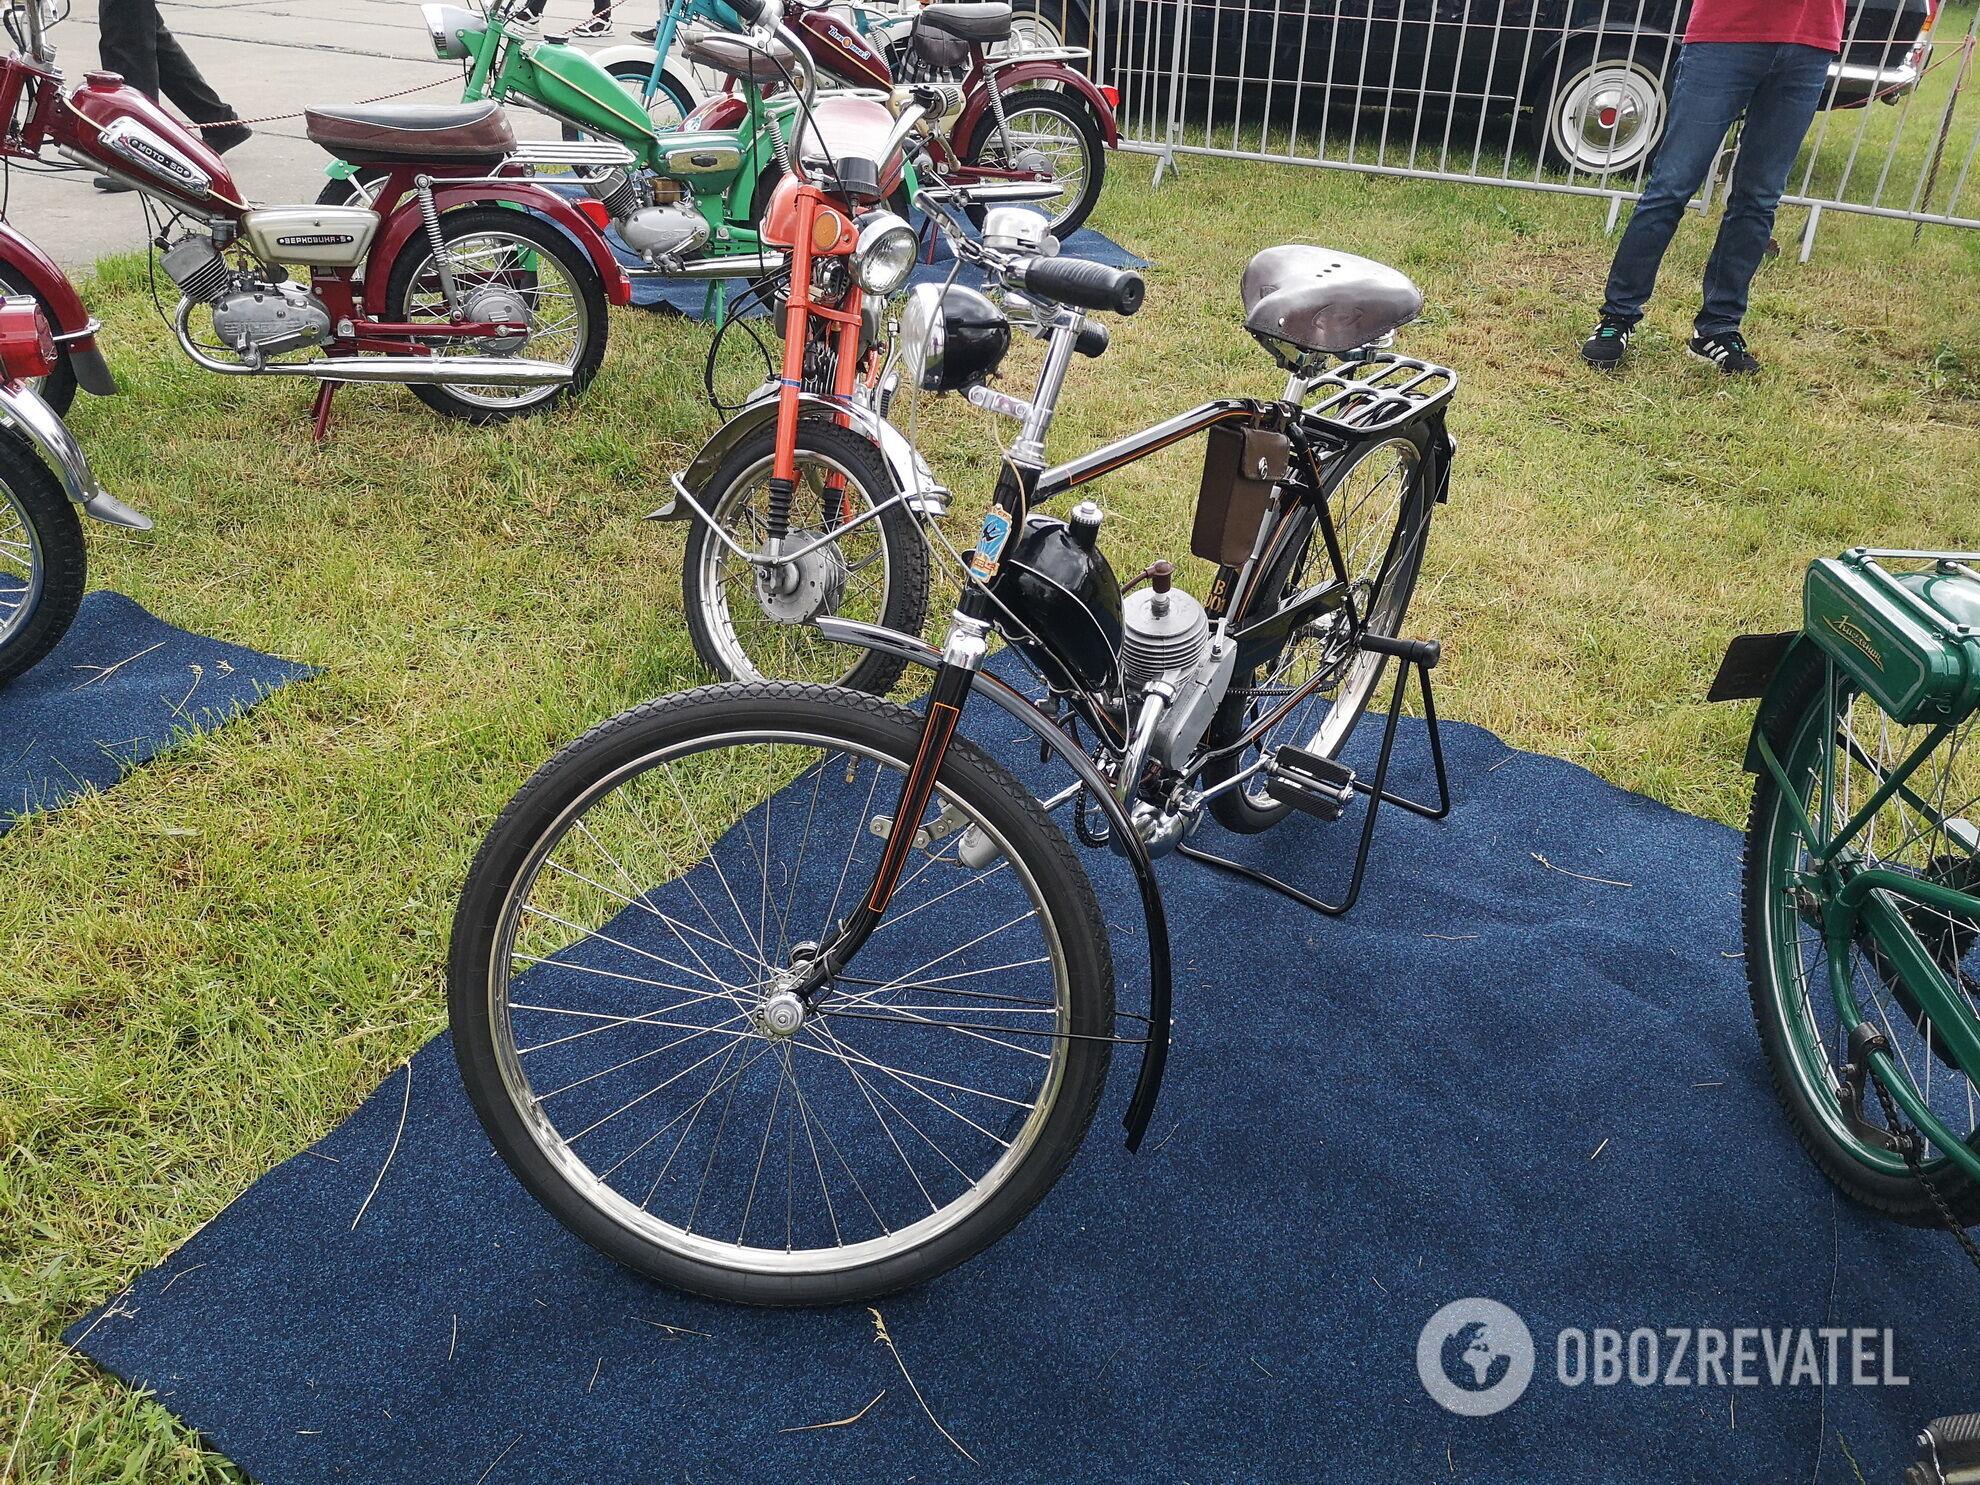 ХВЗ В-901 – самый первый мотовелосипед в СССР